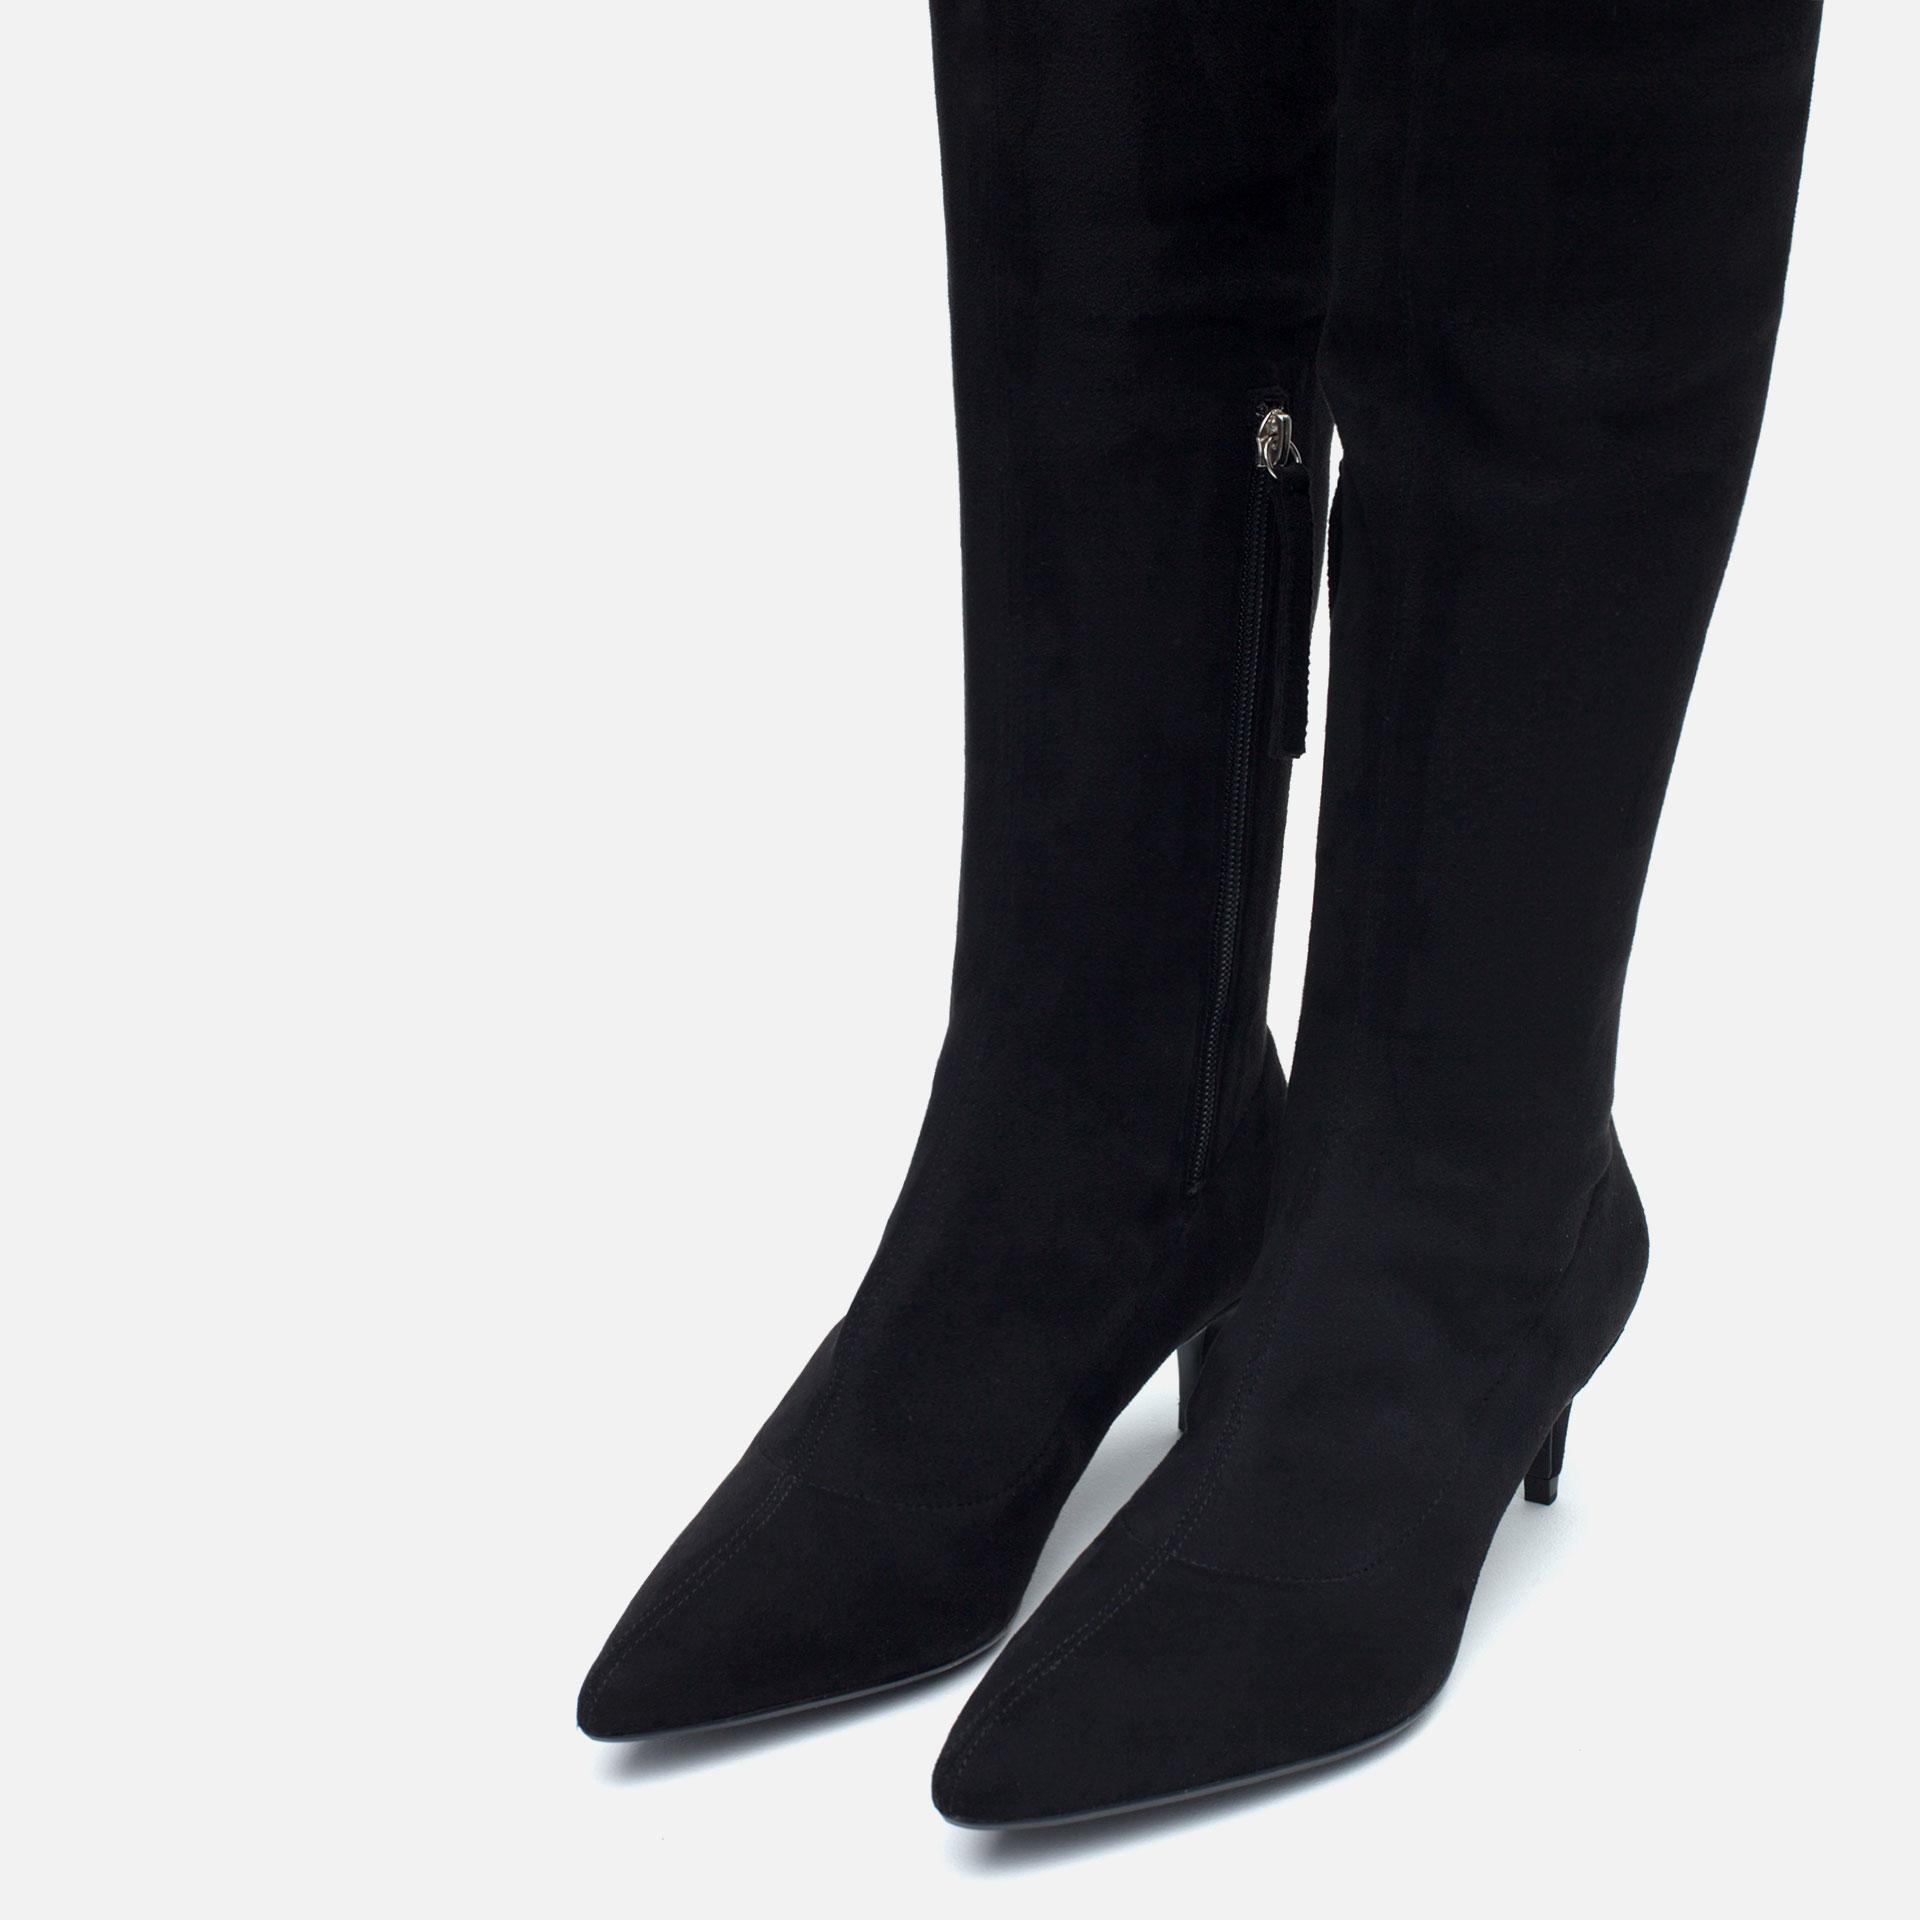 Zara Over The Knee Kitten Heel Boots in Black | Lyst